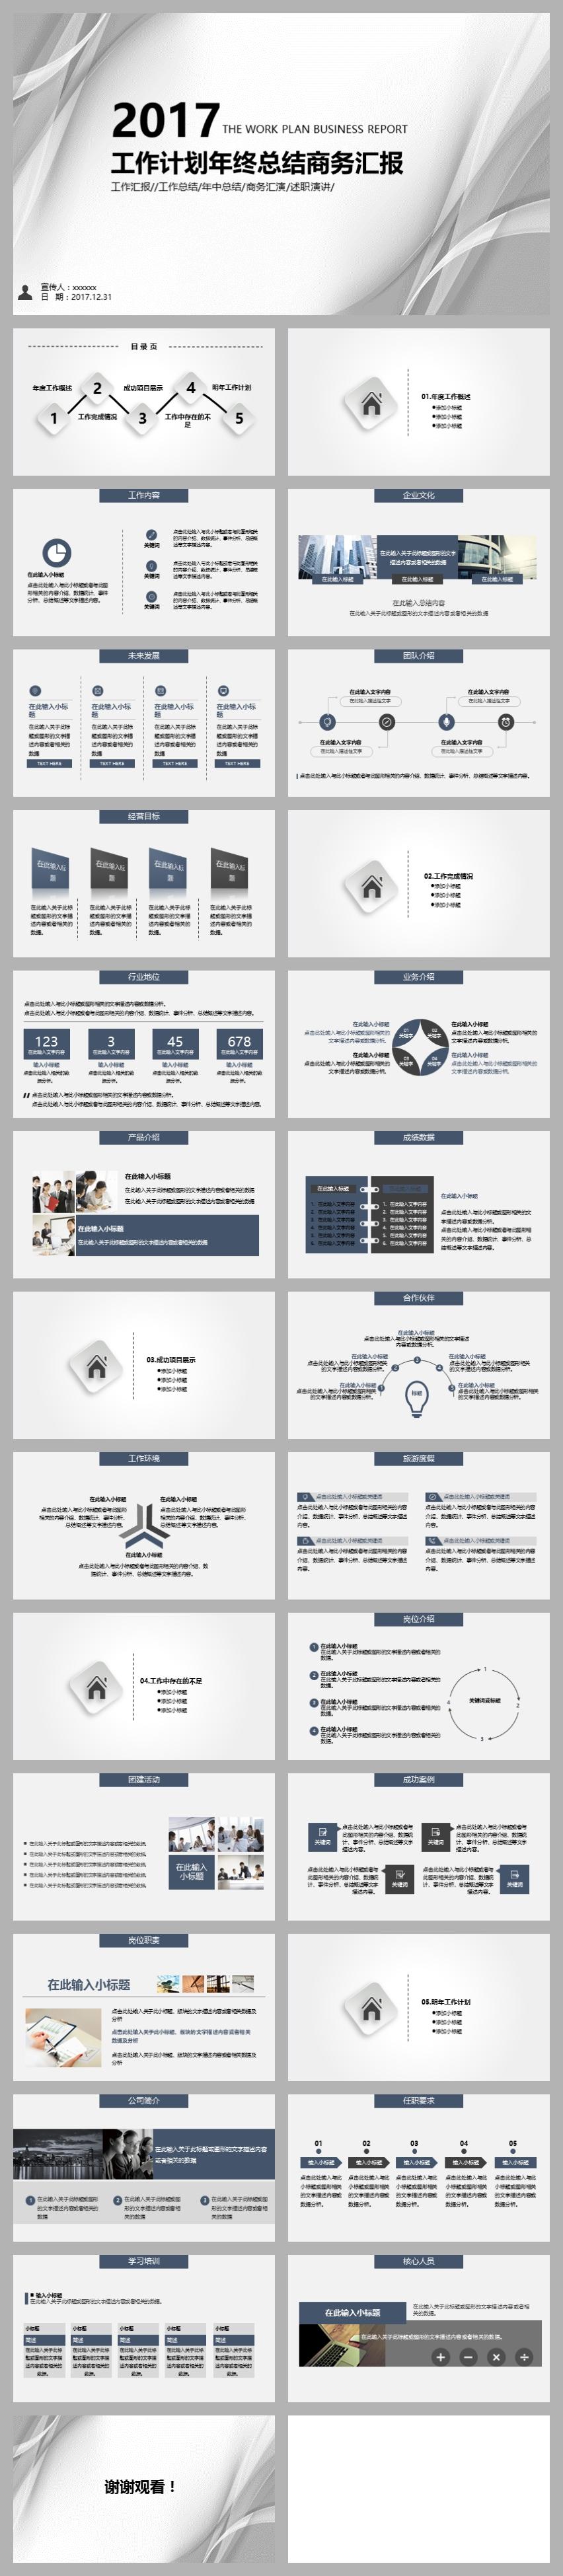 工作总结会议报告ppt模板